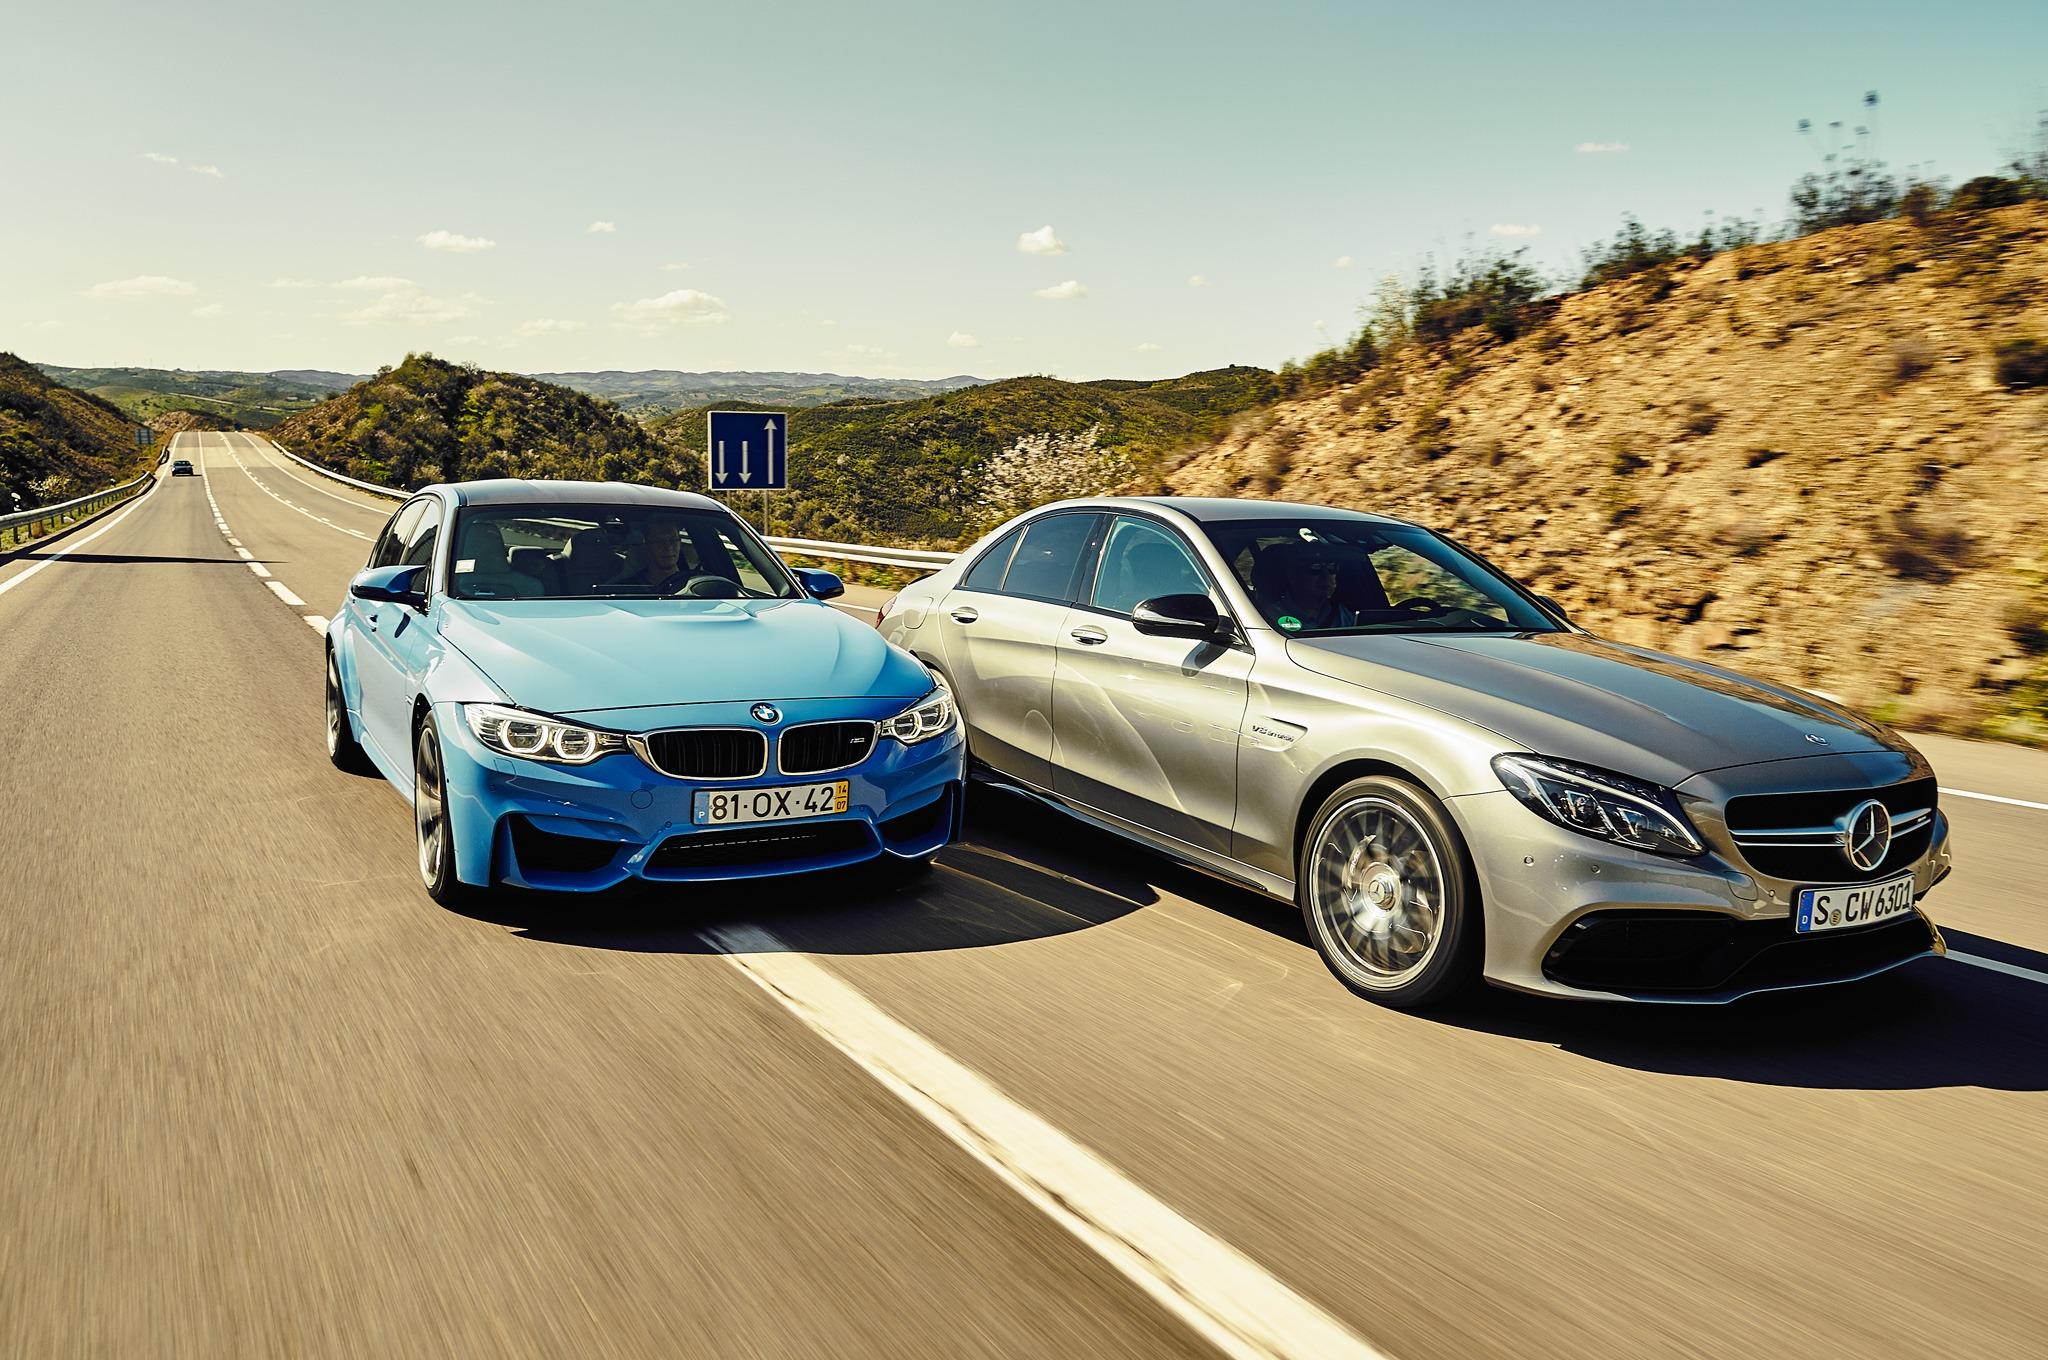 Najbolji avgustovski komentar čitalaca: Večita borba Mercedes vs BMW